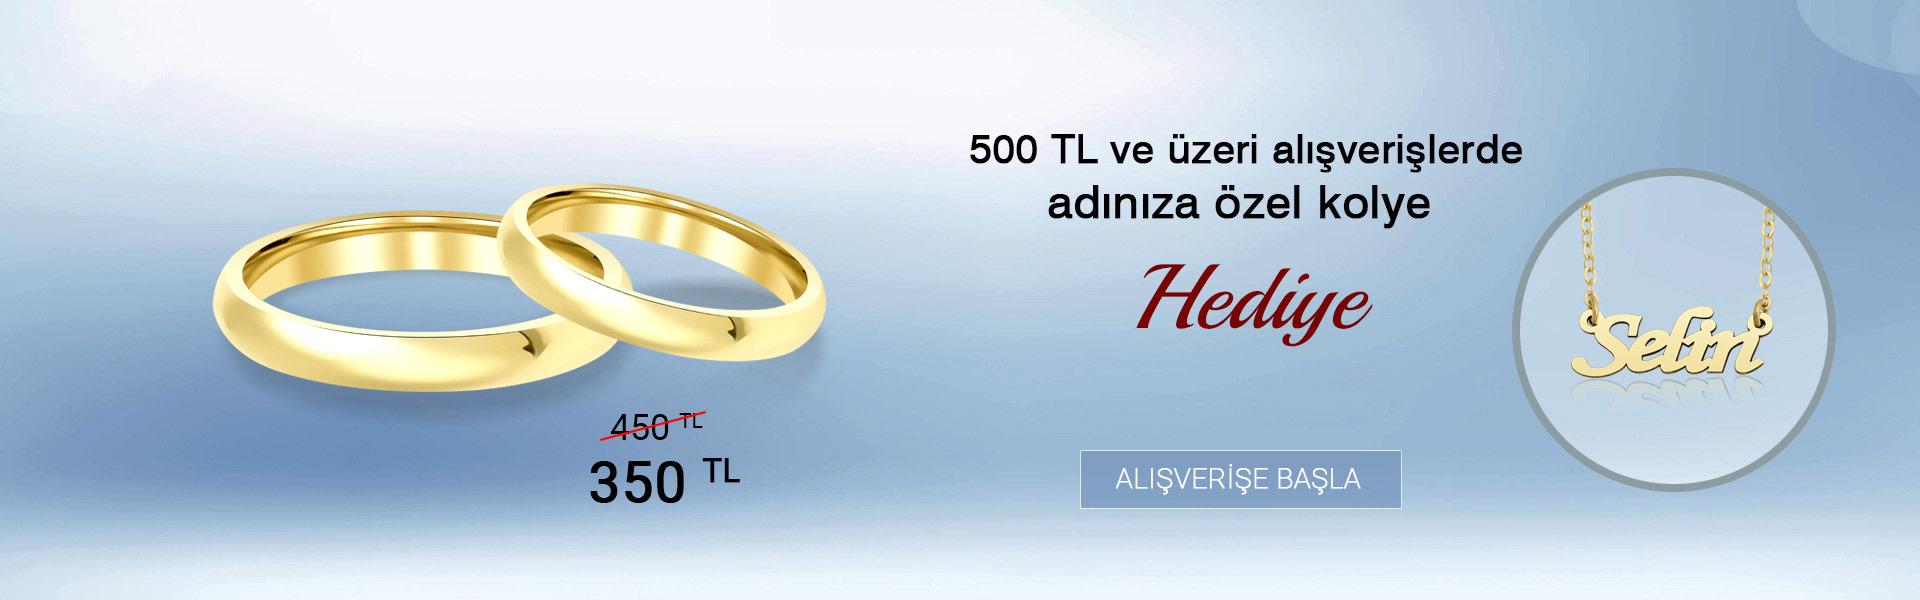 Eylül Alyans 500 TL Üzeri Hediye